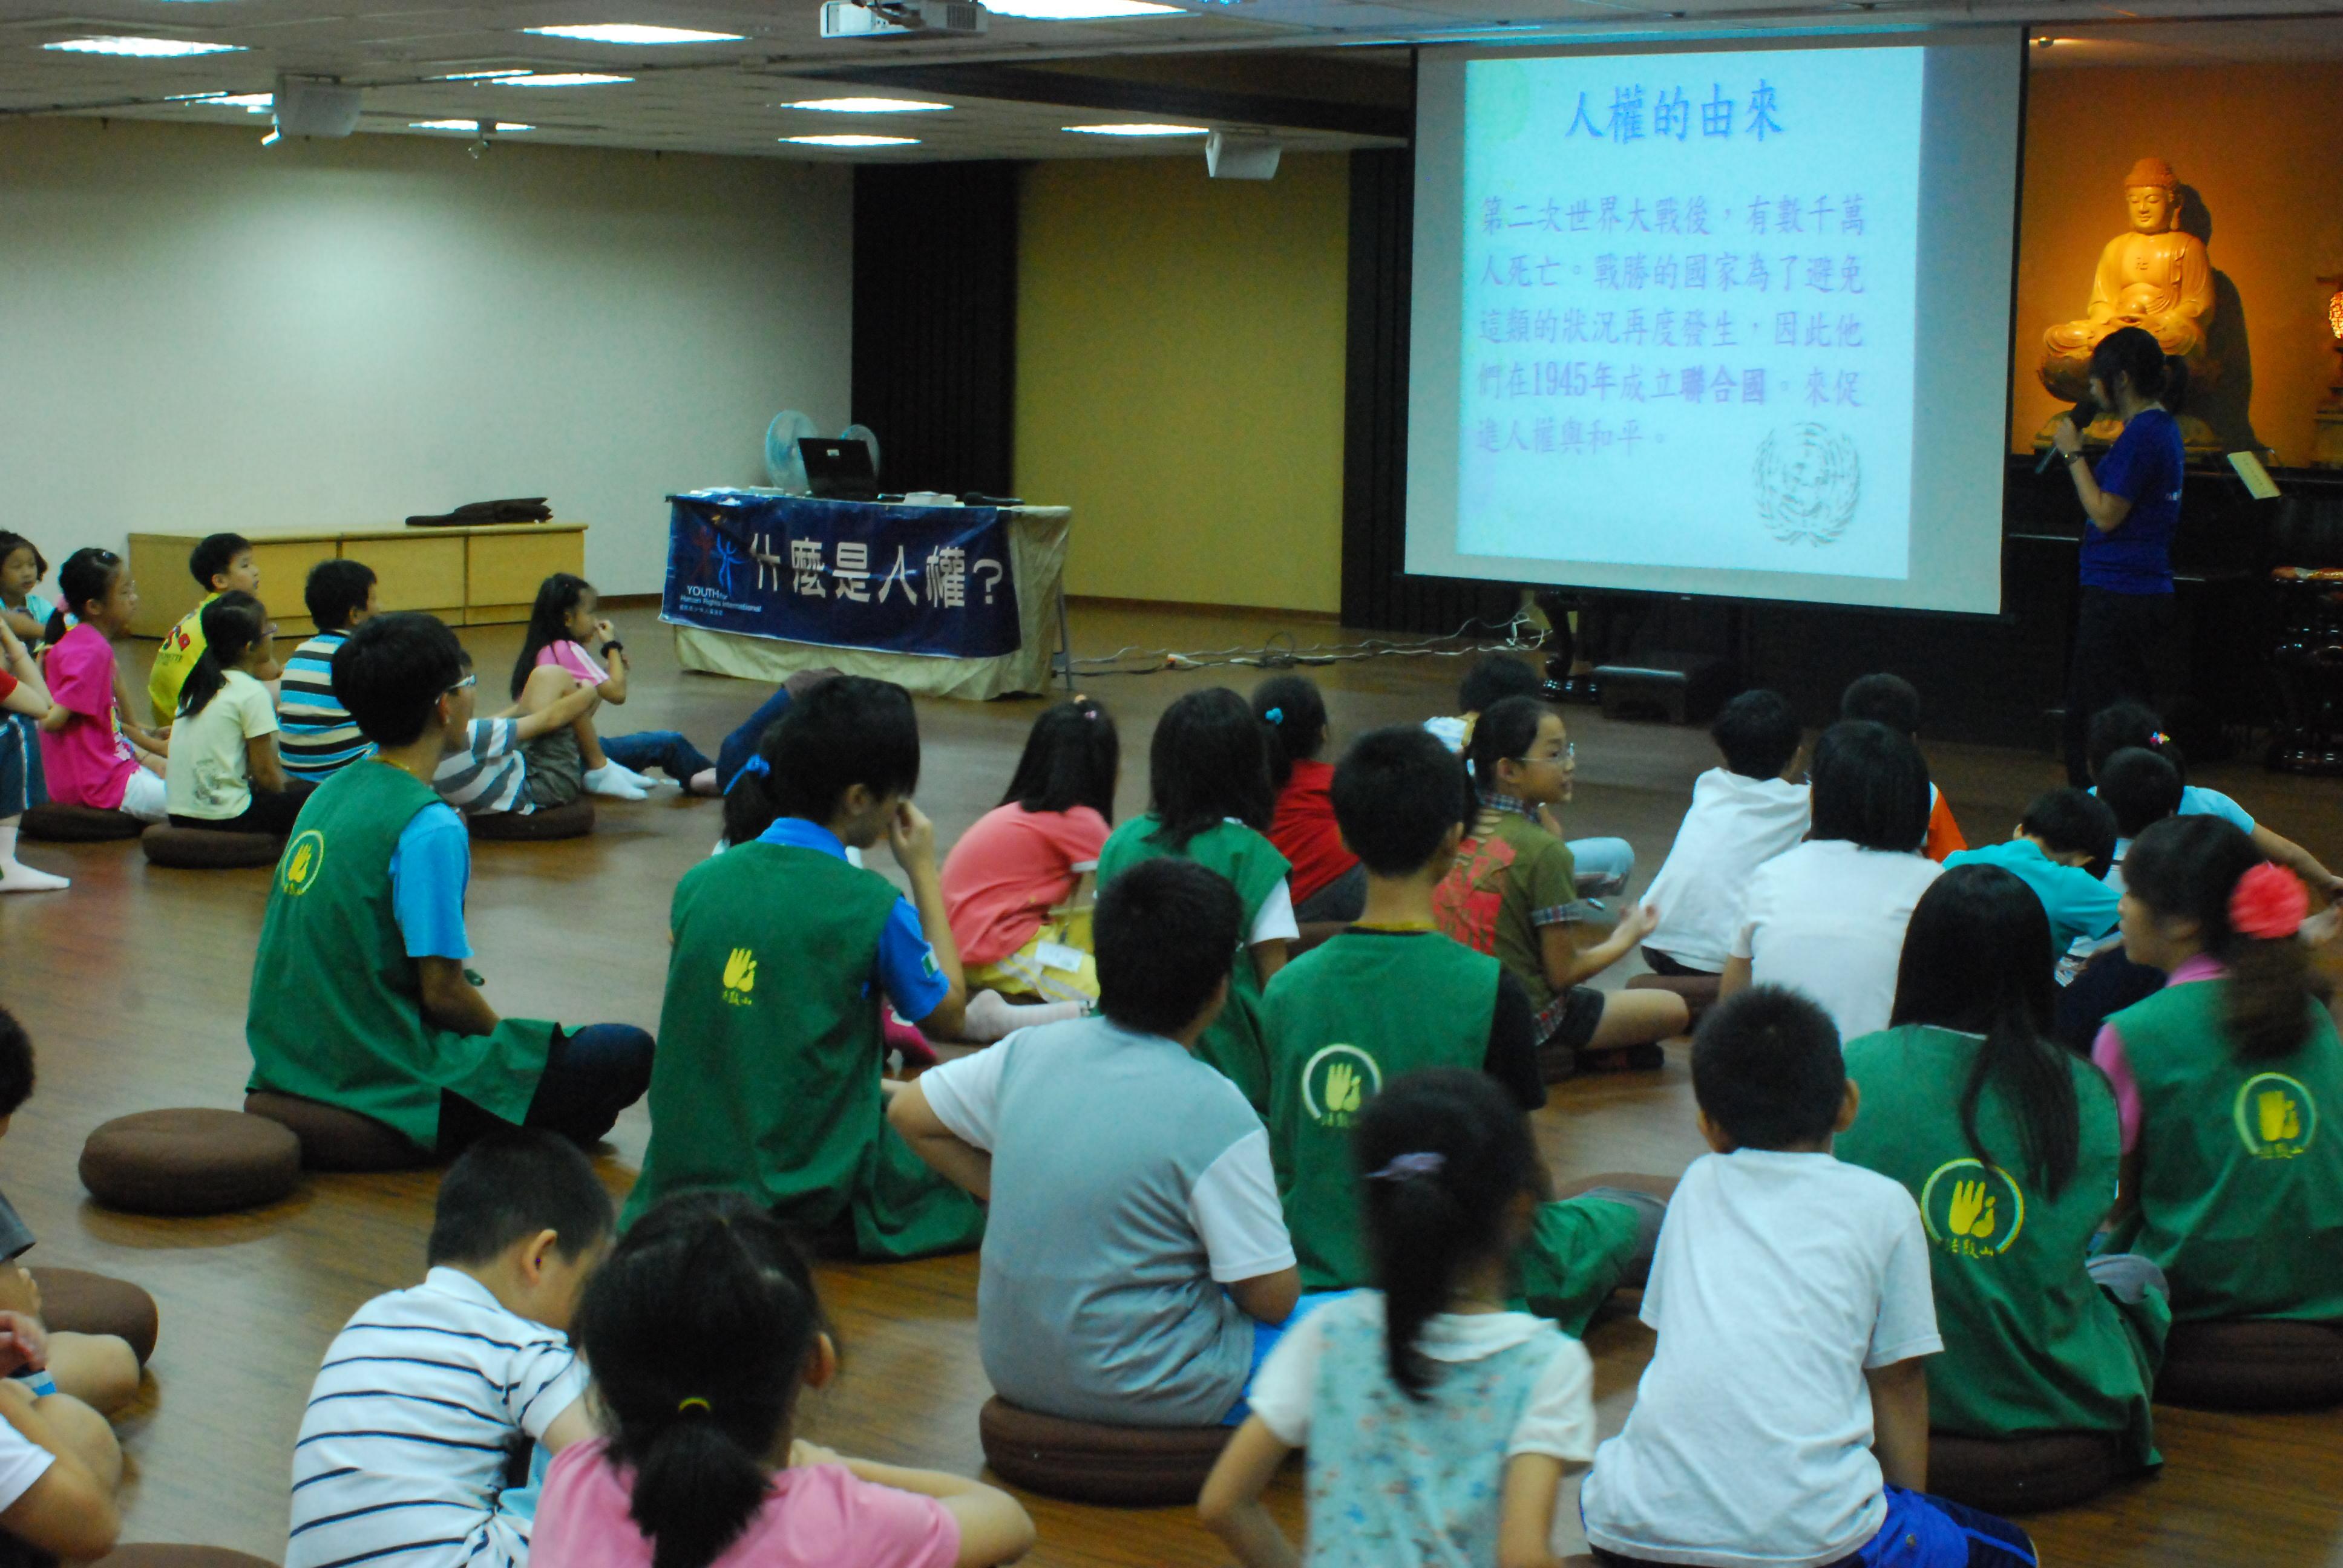 法鼓山兒童心靈環保體驗營 融入人權議題培養好人際